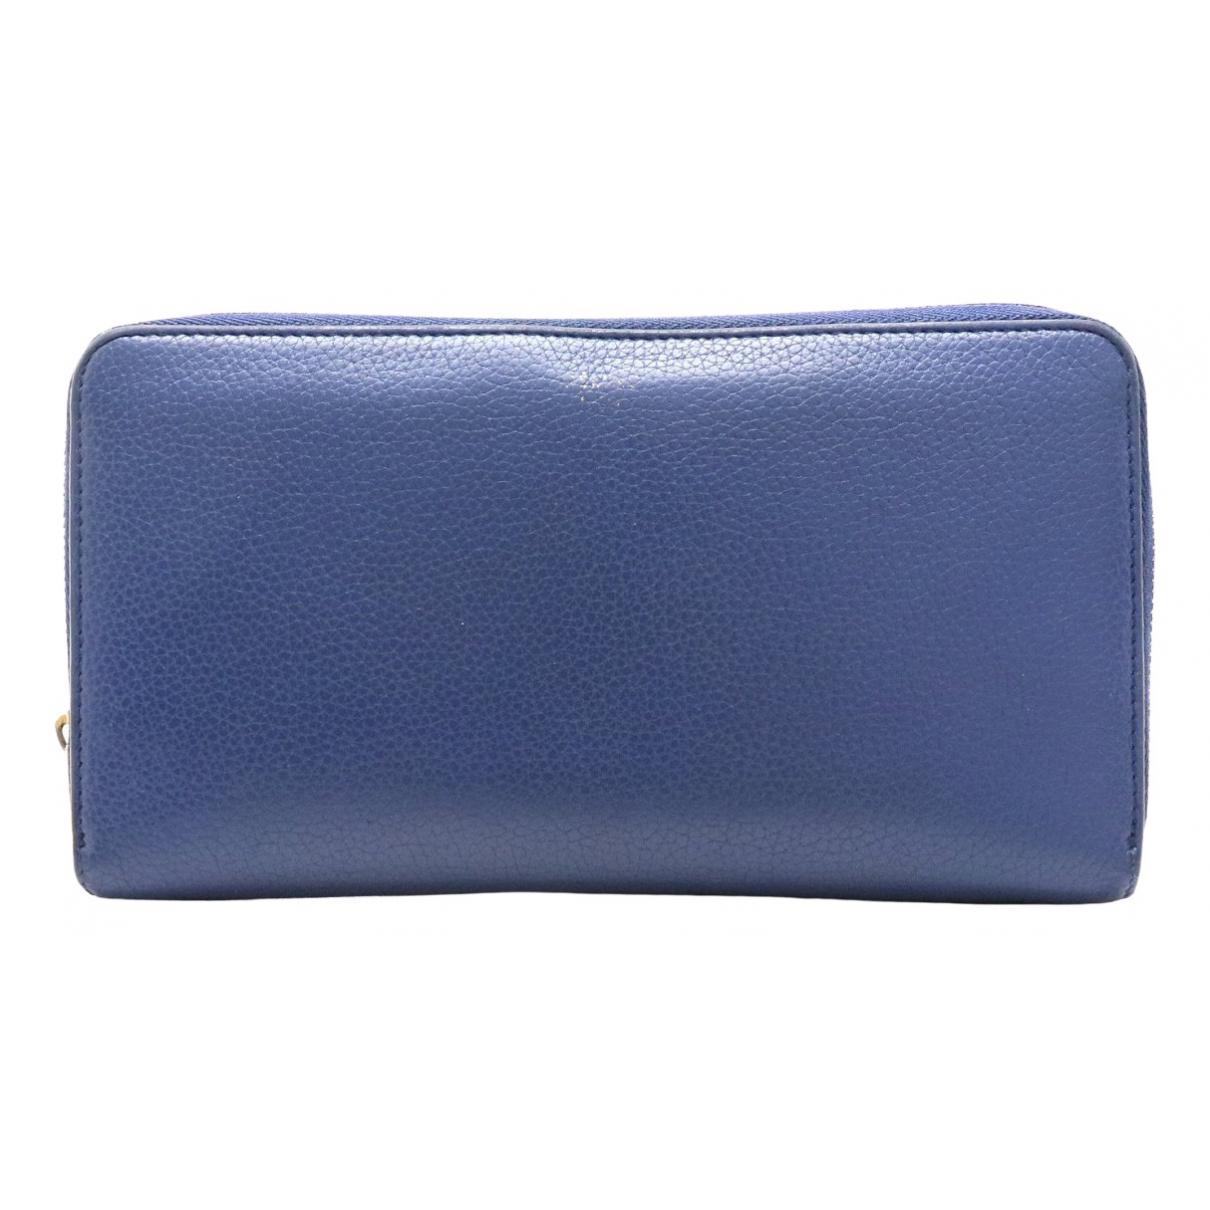 Celine \N Blue Leather wallet for Women \N